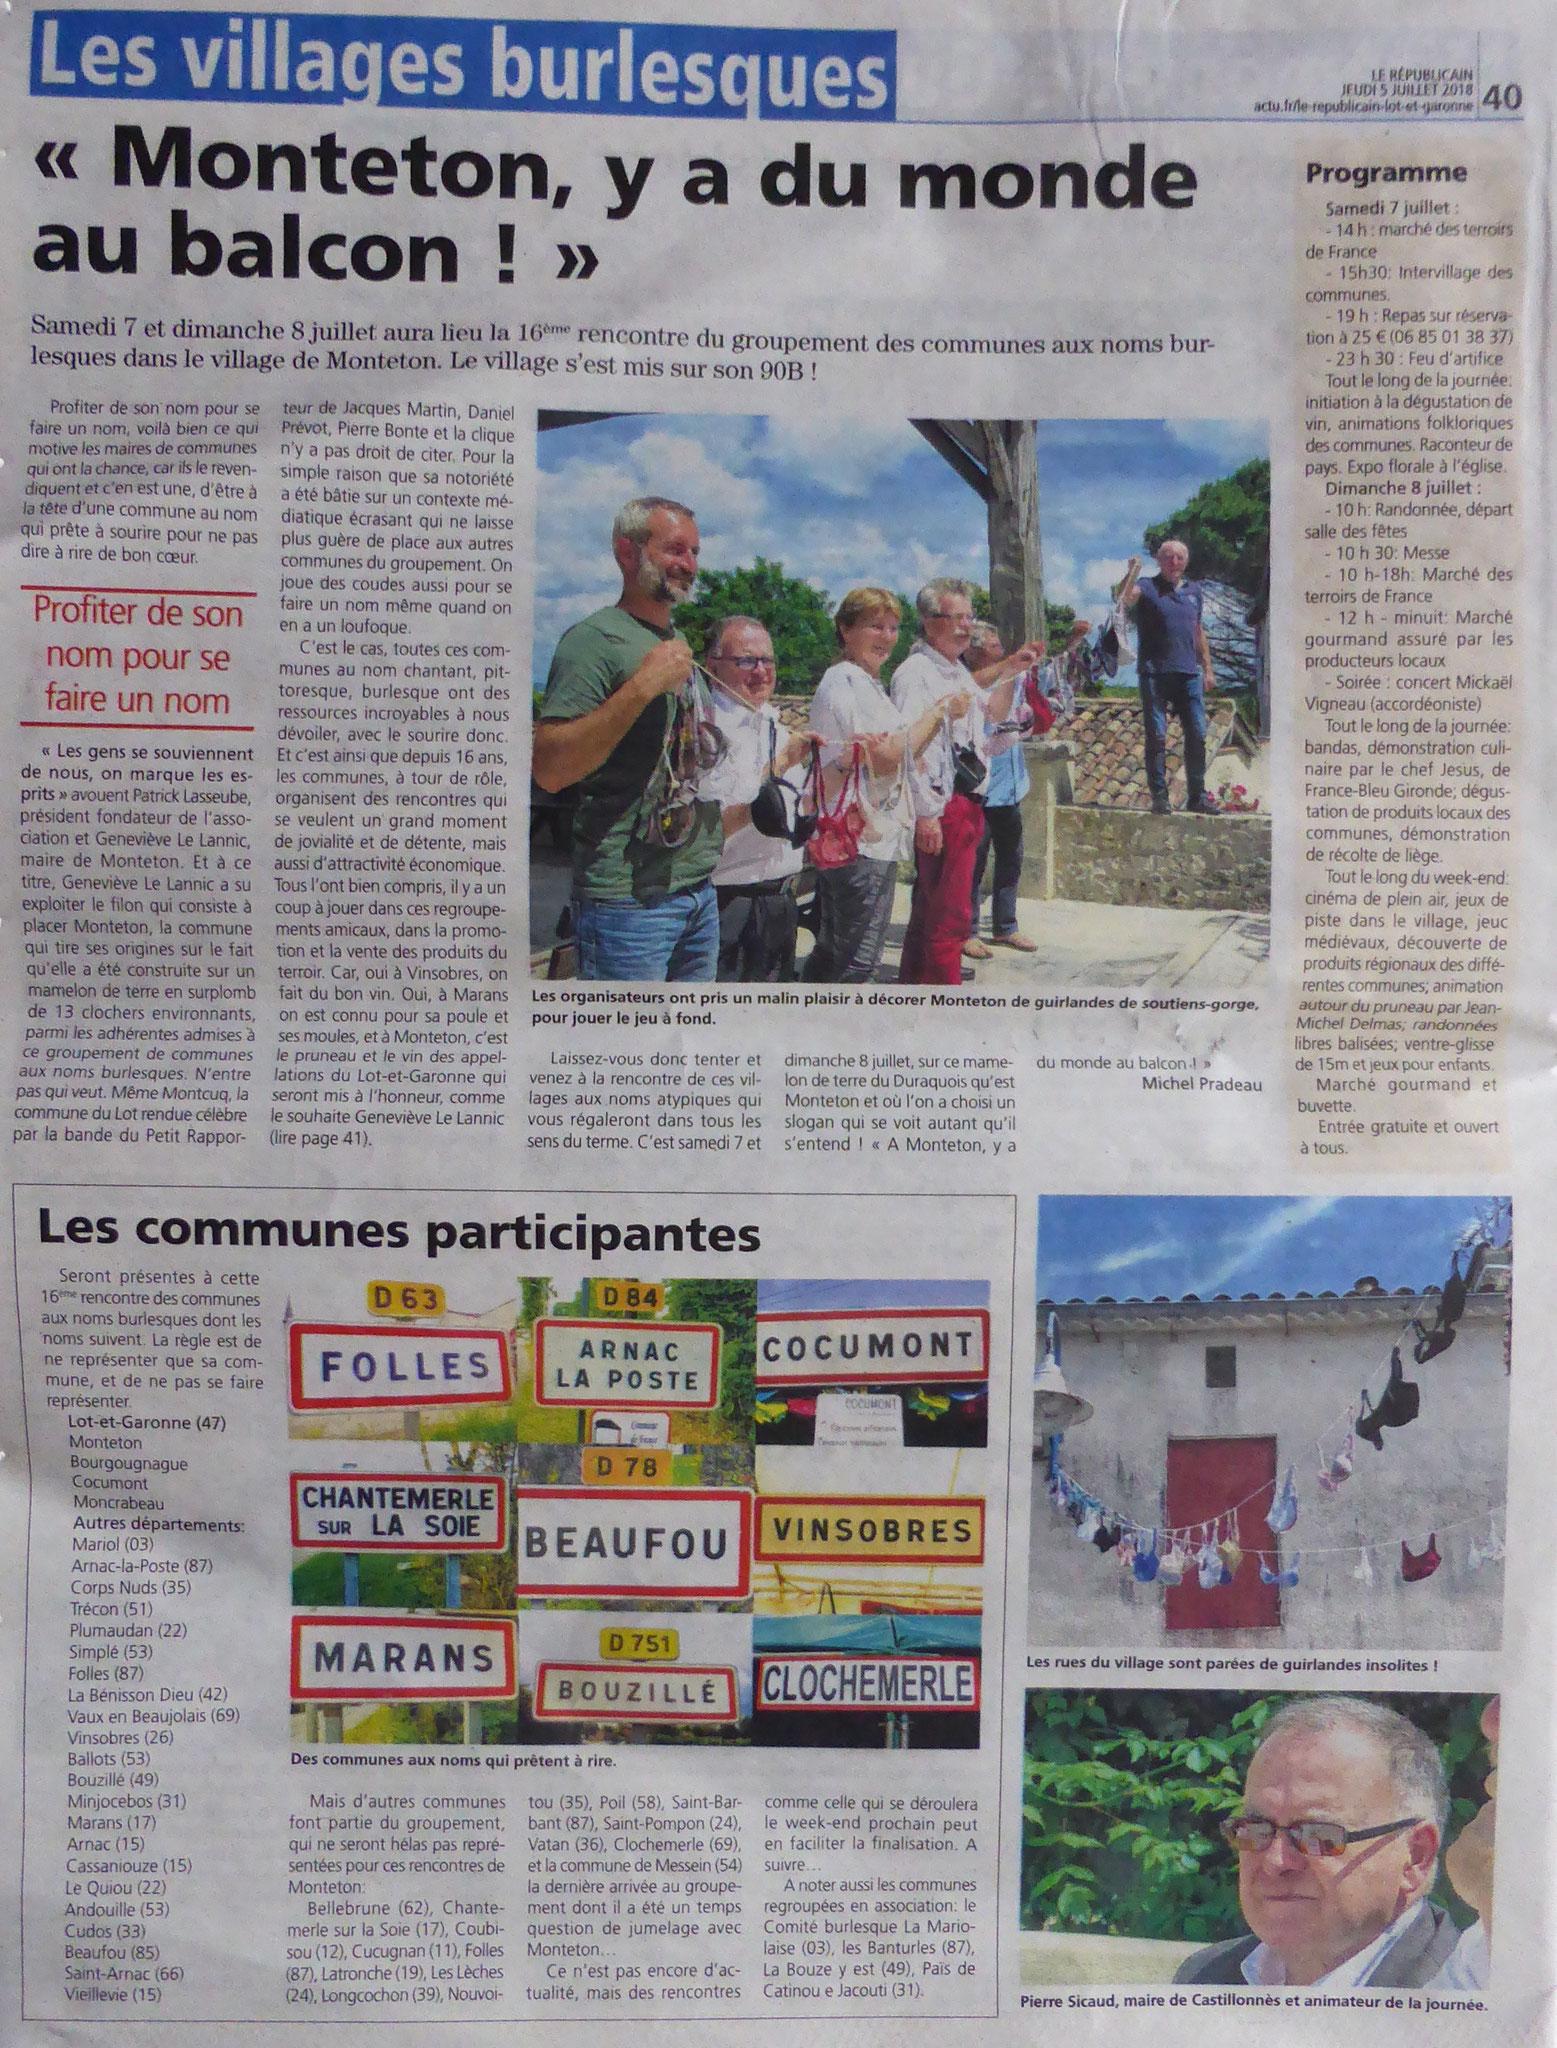 MONTETON - Le Républicain - Marmande - 5 juillet 2018 - 1/2